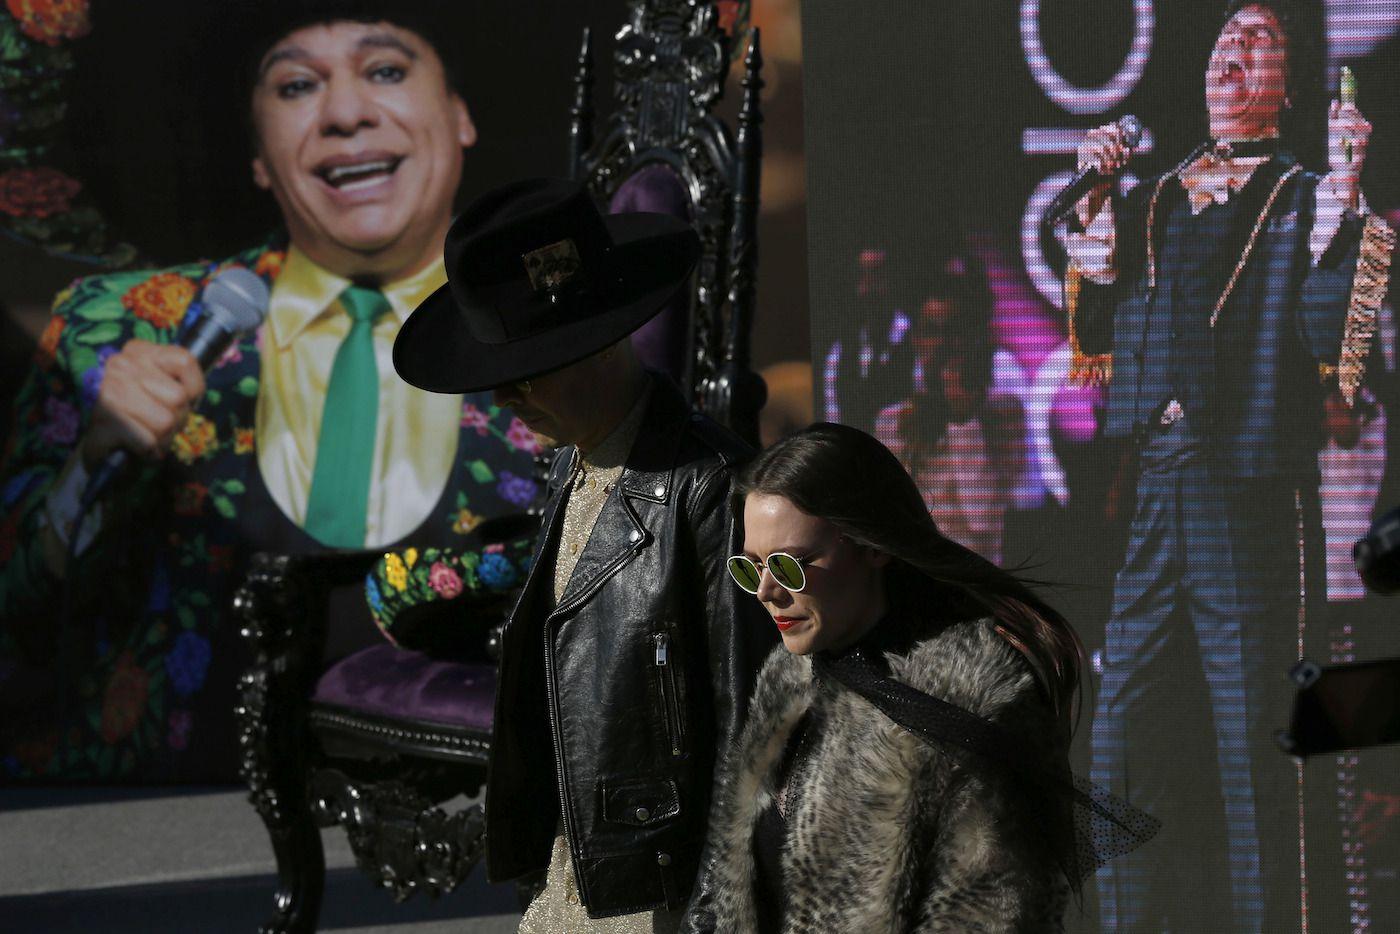 El duo Jesse y Joy rindieron tributo a la obra musical de Juan Gabriel. AP